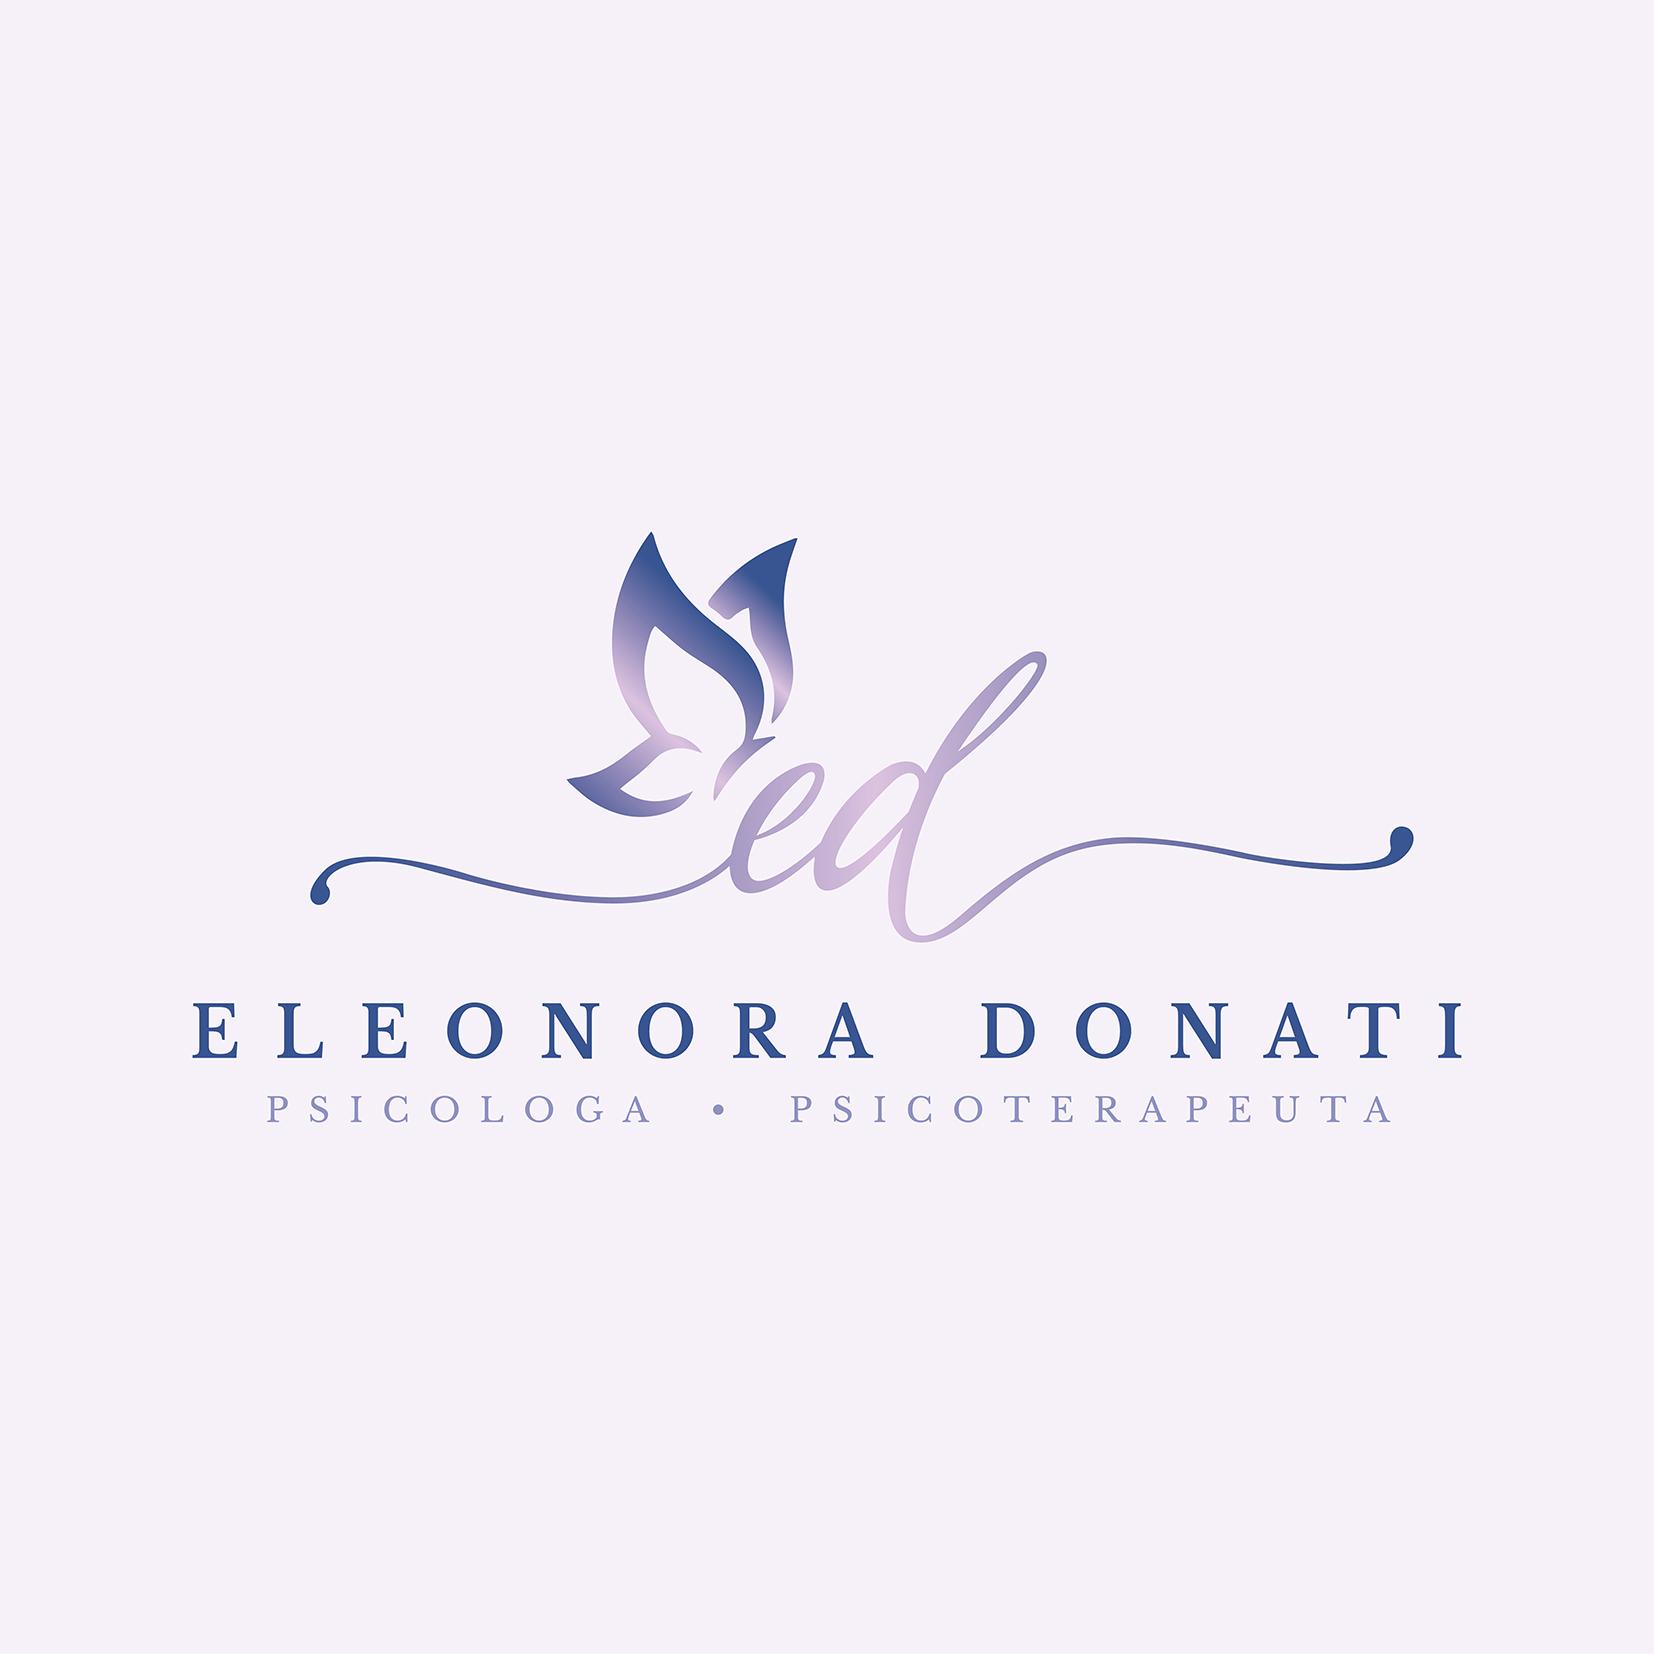 Eleonora Donati